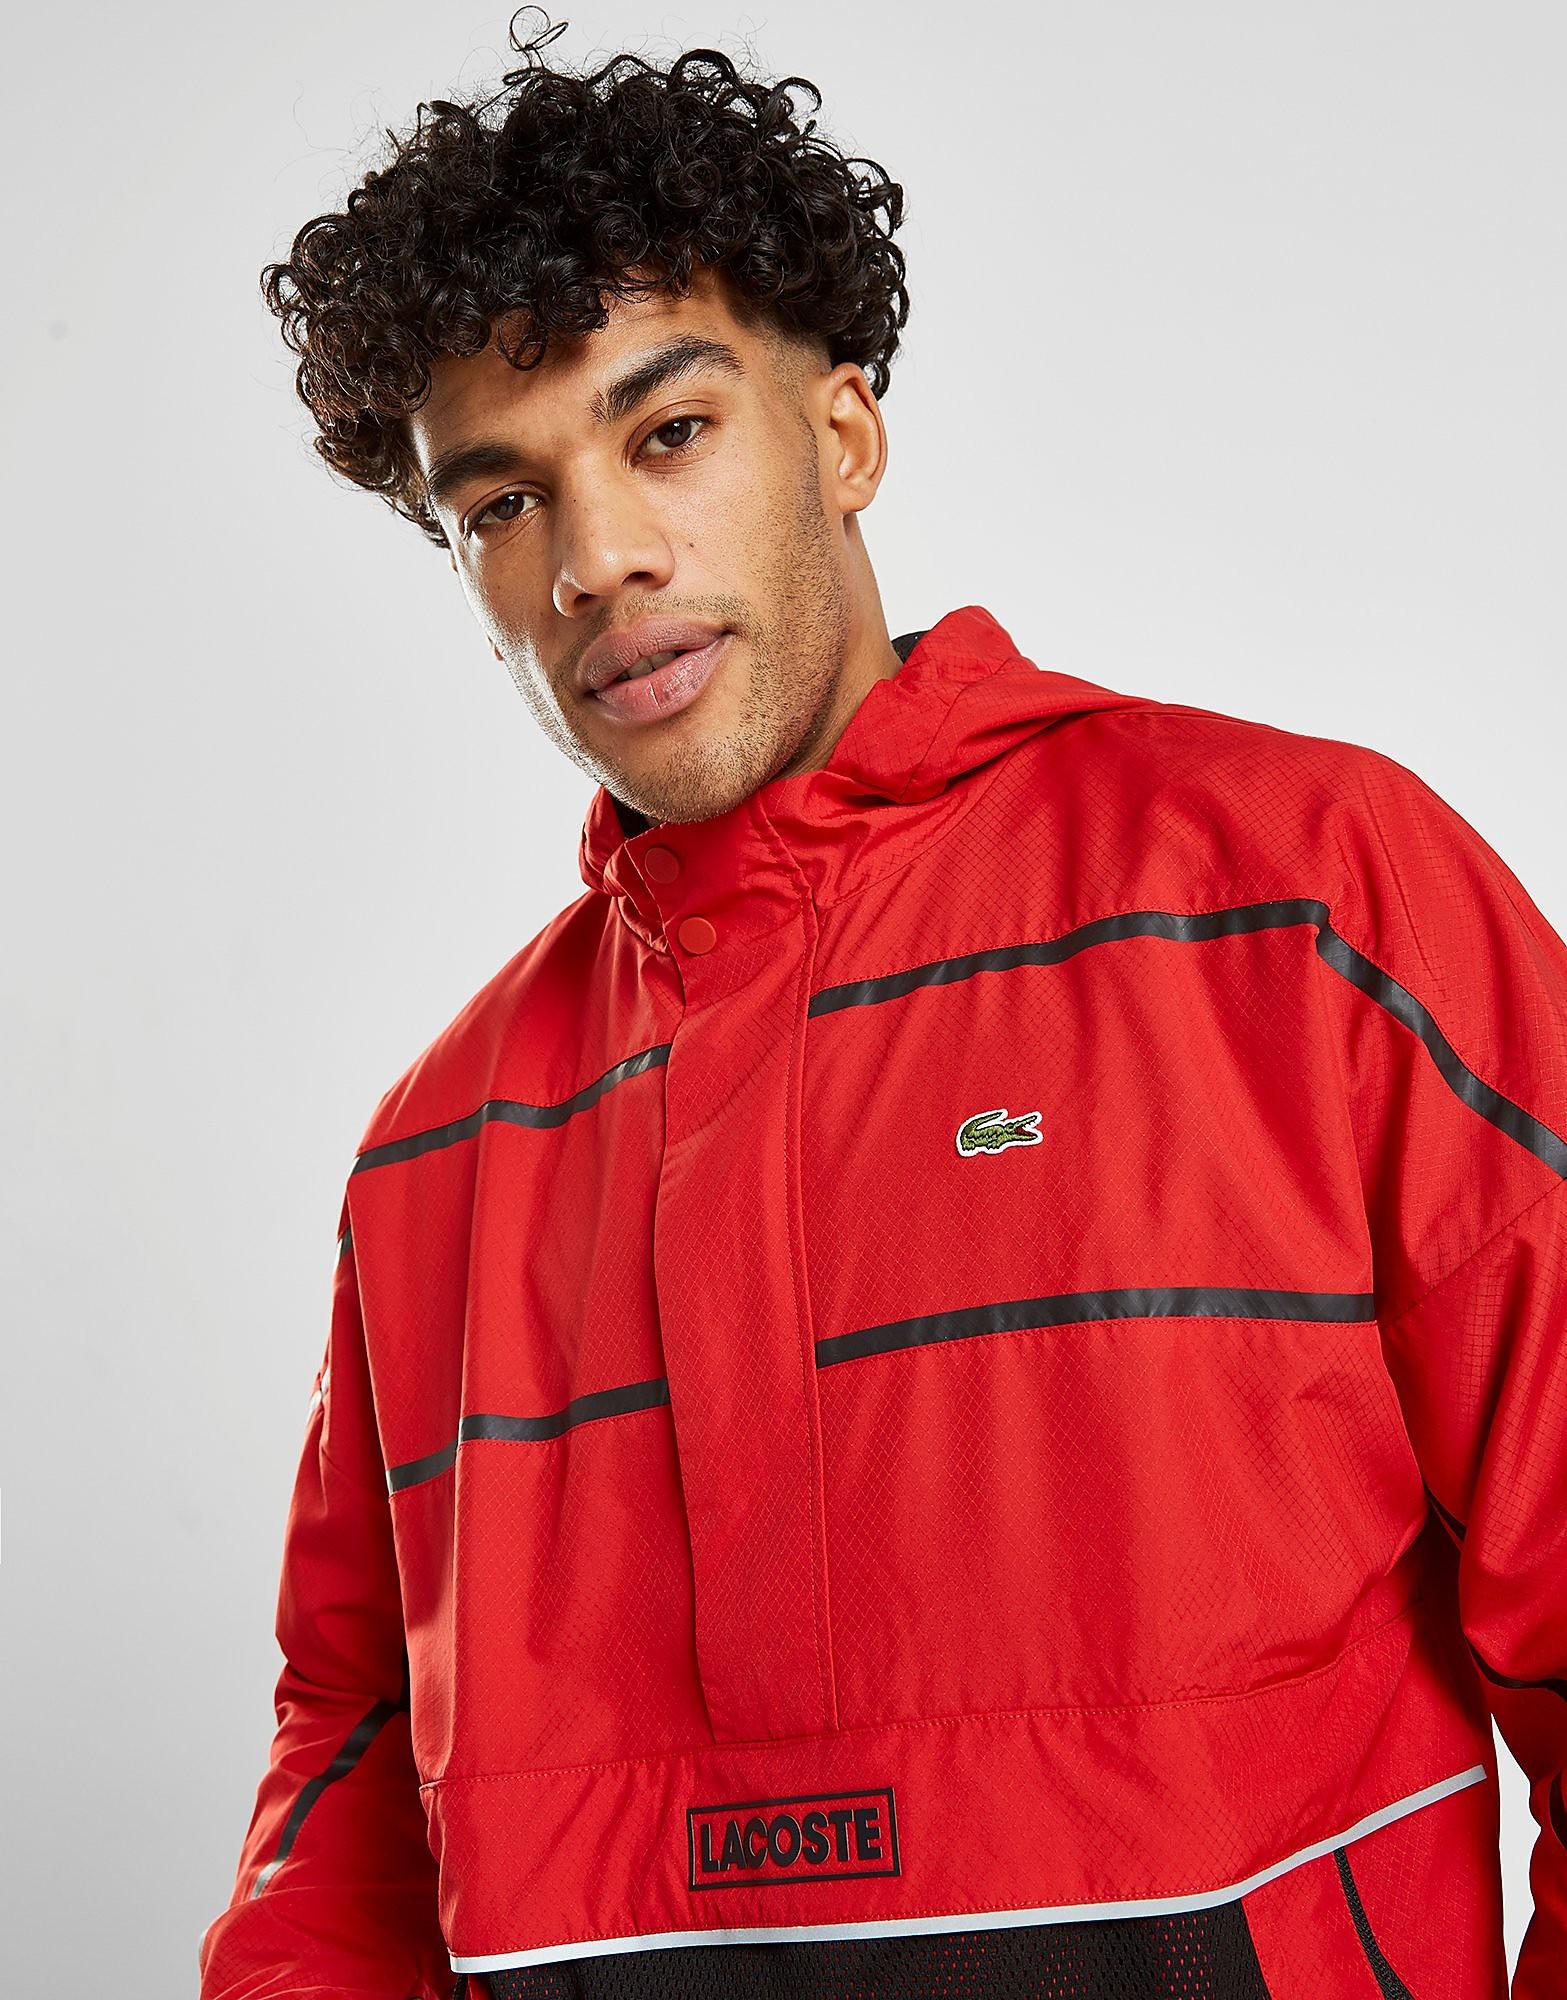 Lacoste 1/2 Zip Pullover Jacket Heren - Rood - Heren